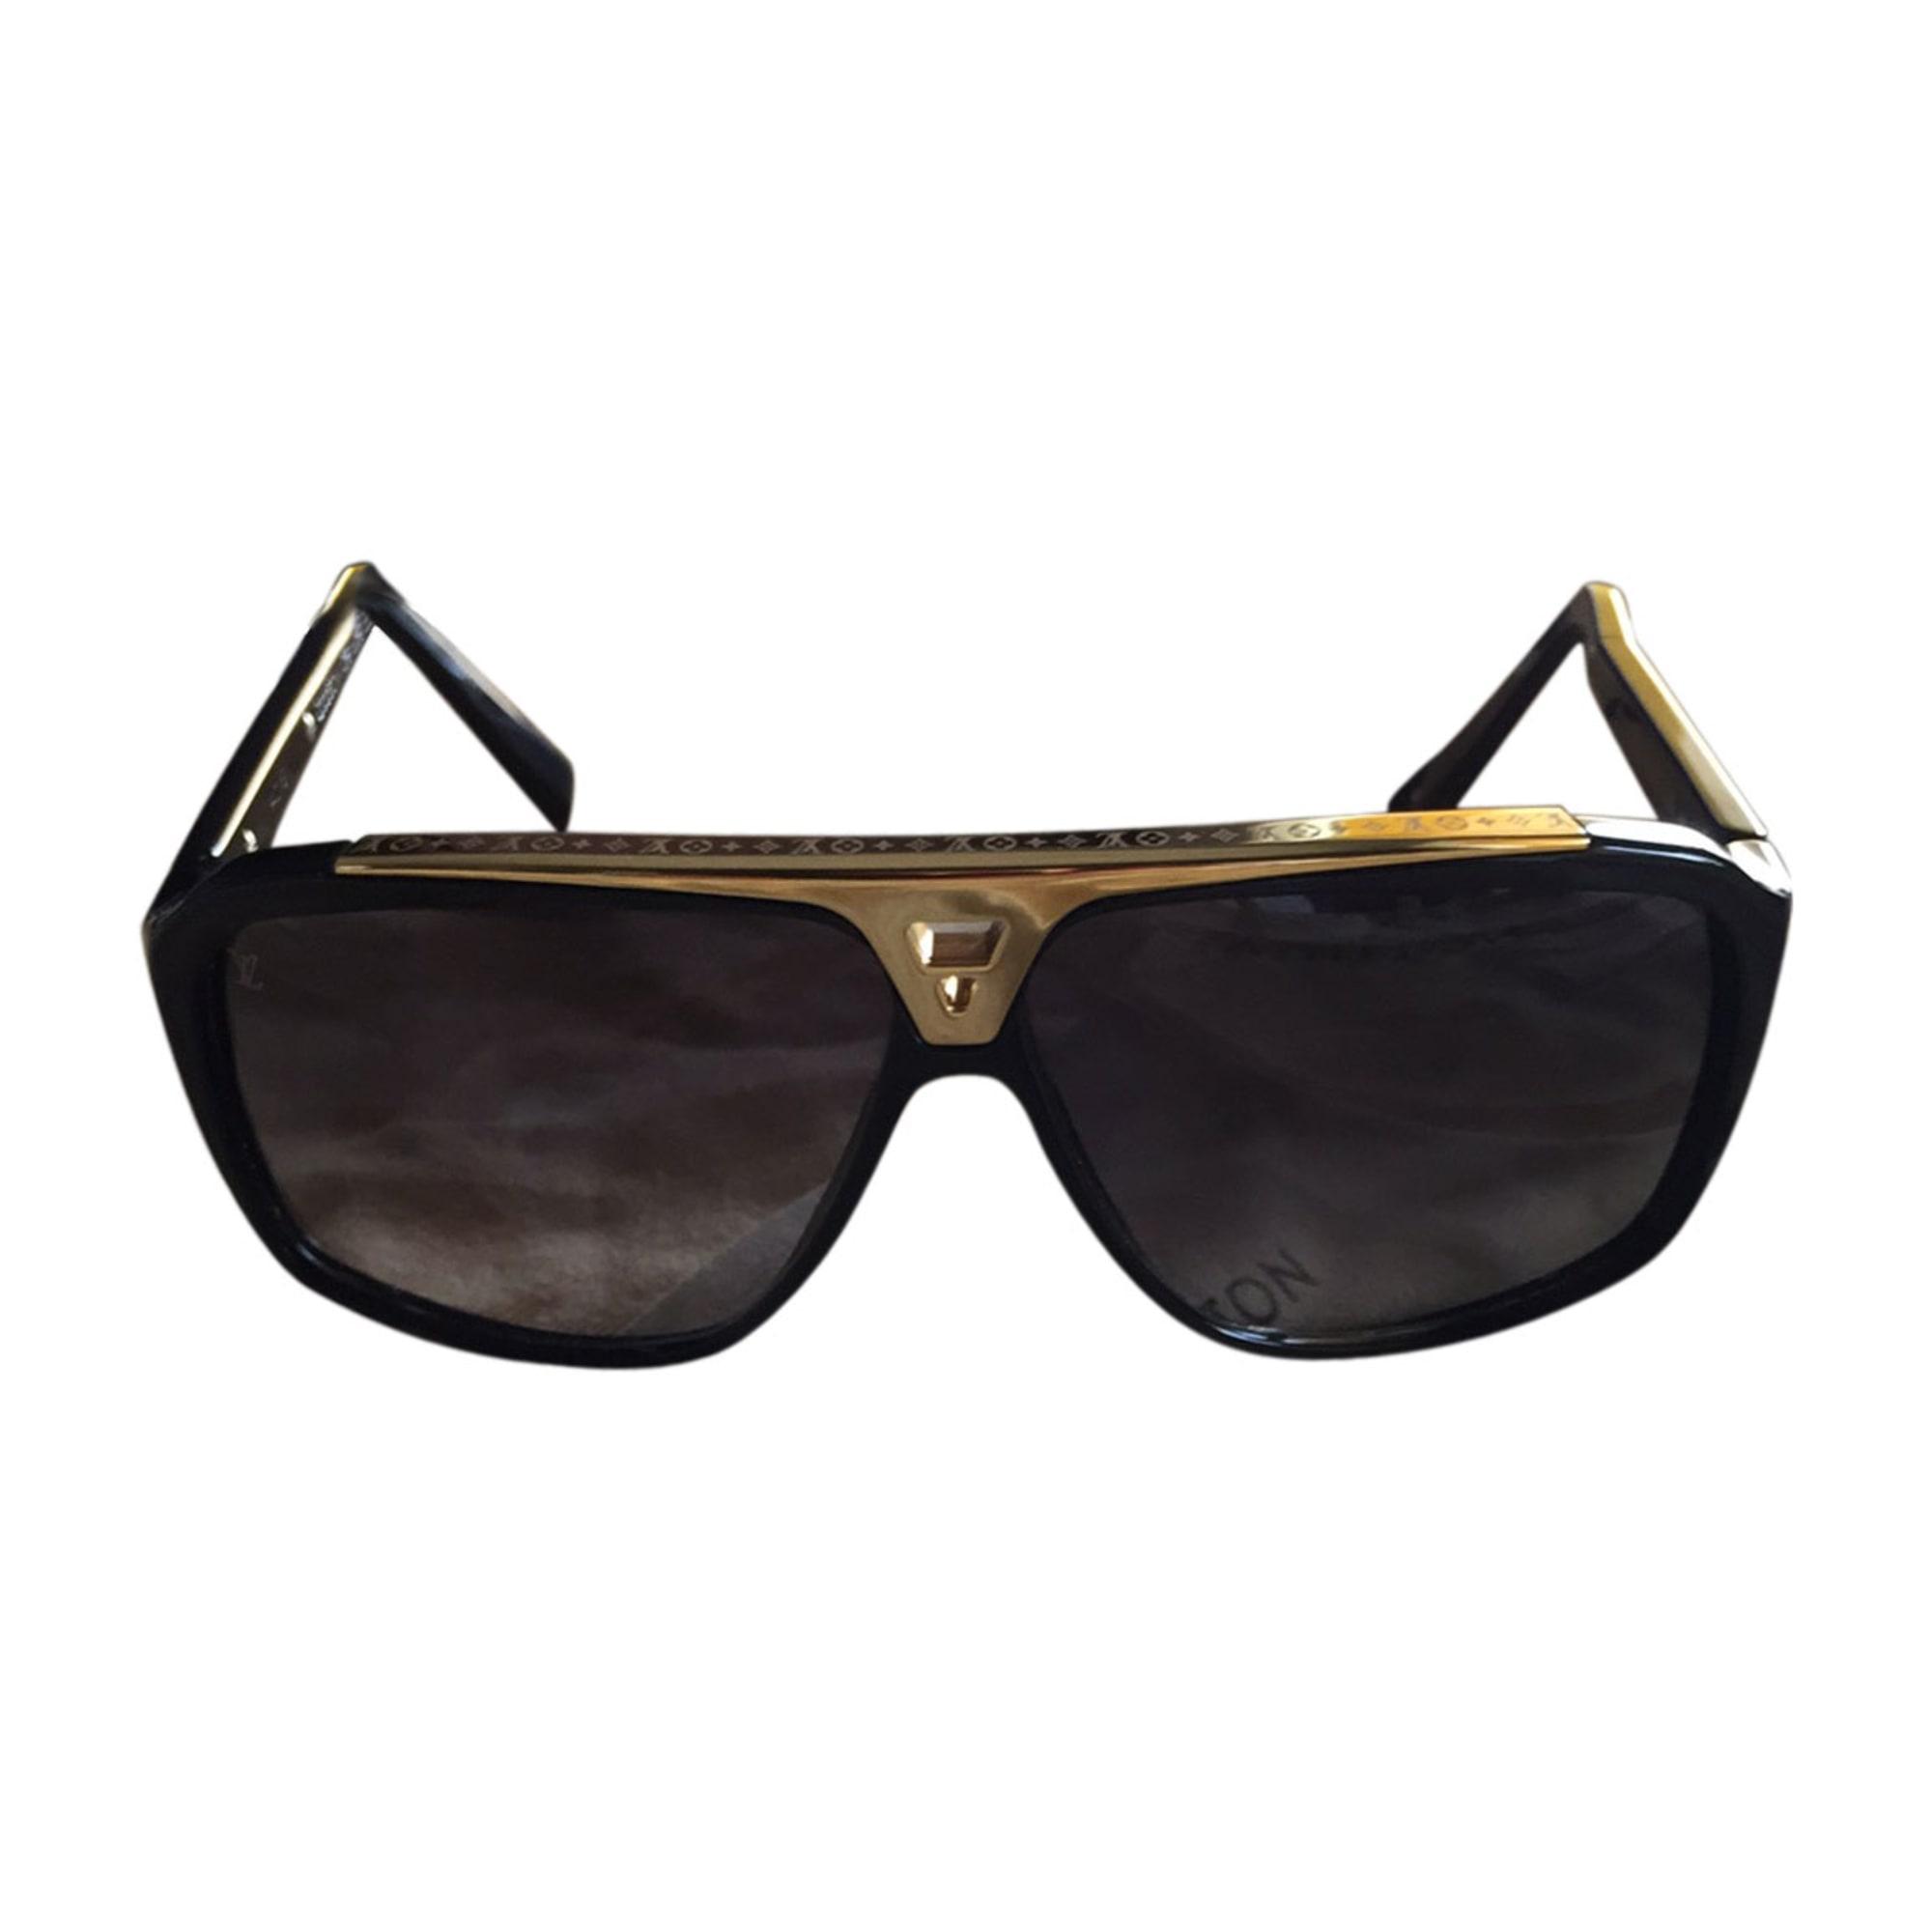 Lunettes de soleil LOUIS VUITTON noir vendu par Bellet 34 - 4452221 b9e9082f07c